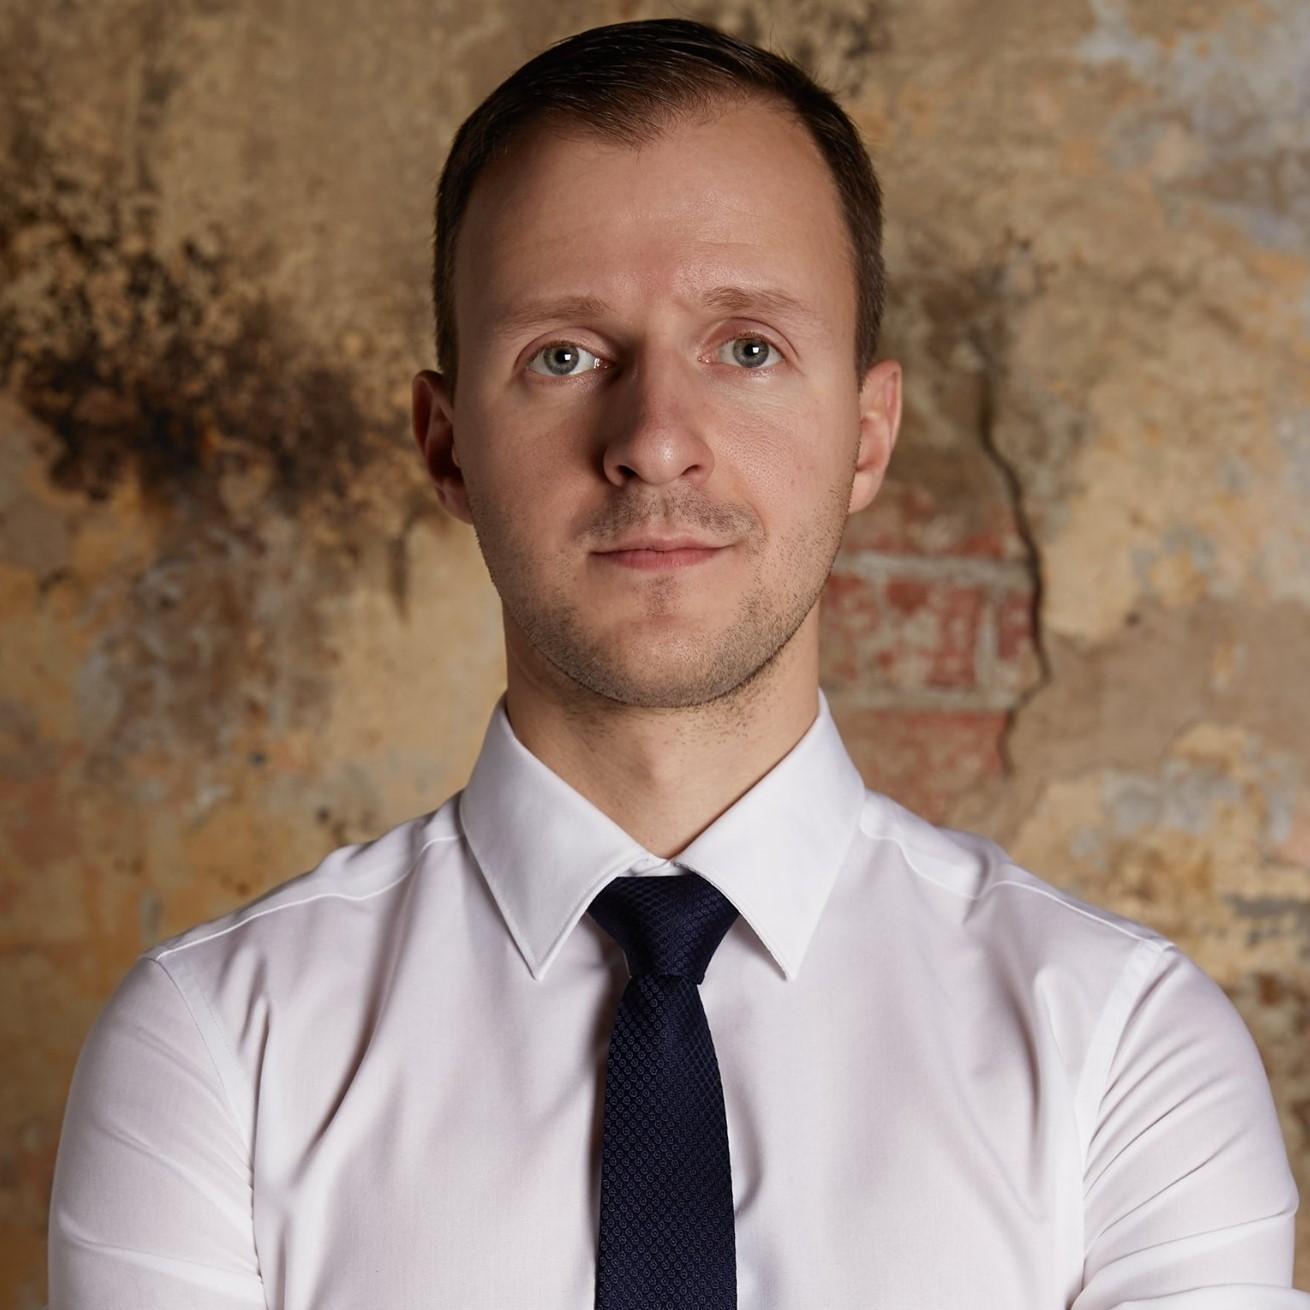 Евгений Розенблат